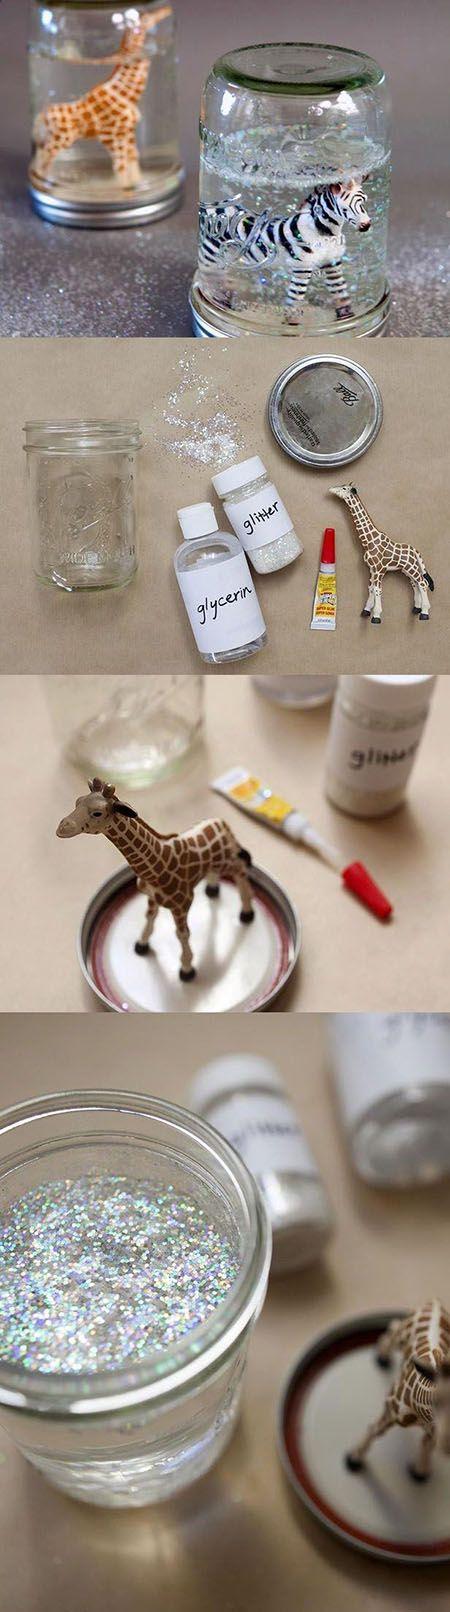 Diy Beautiful Jar Craft